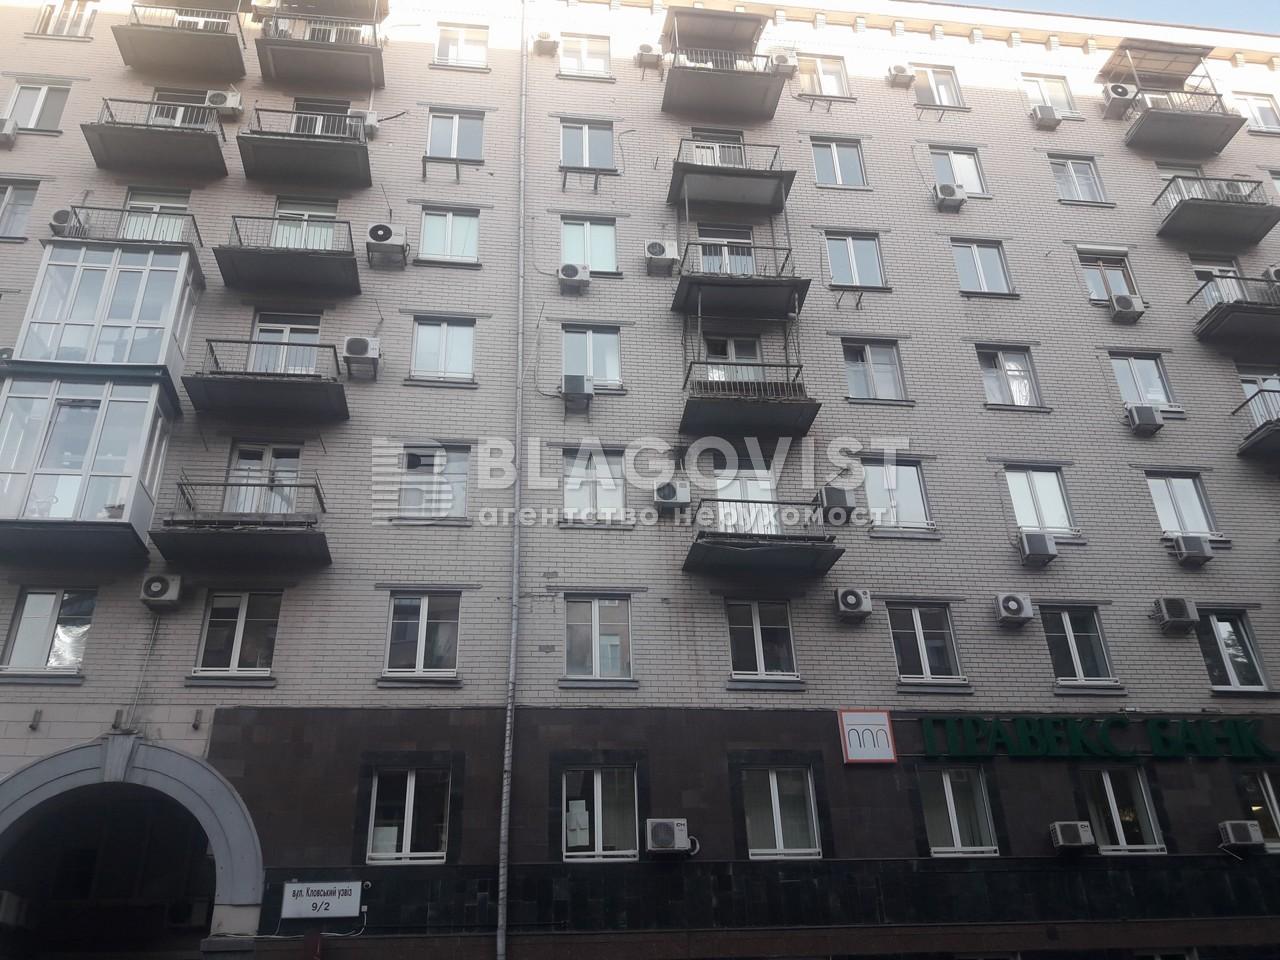 Квартира Z-793915, Кловский спуск, 9/2, Киев - Фото 1